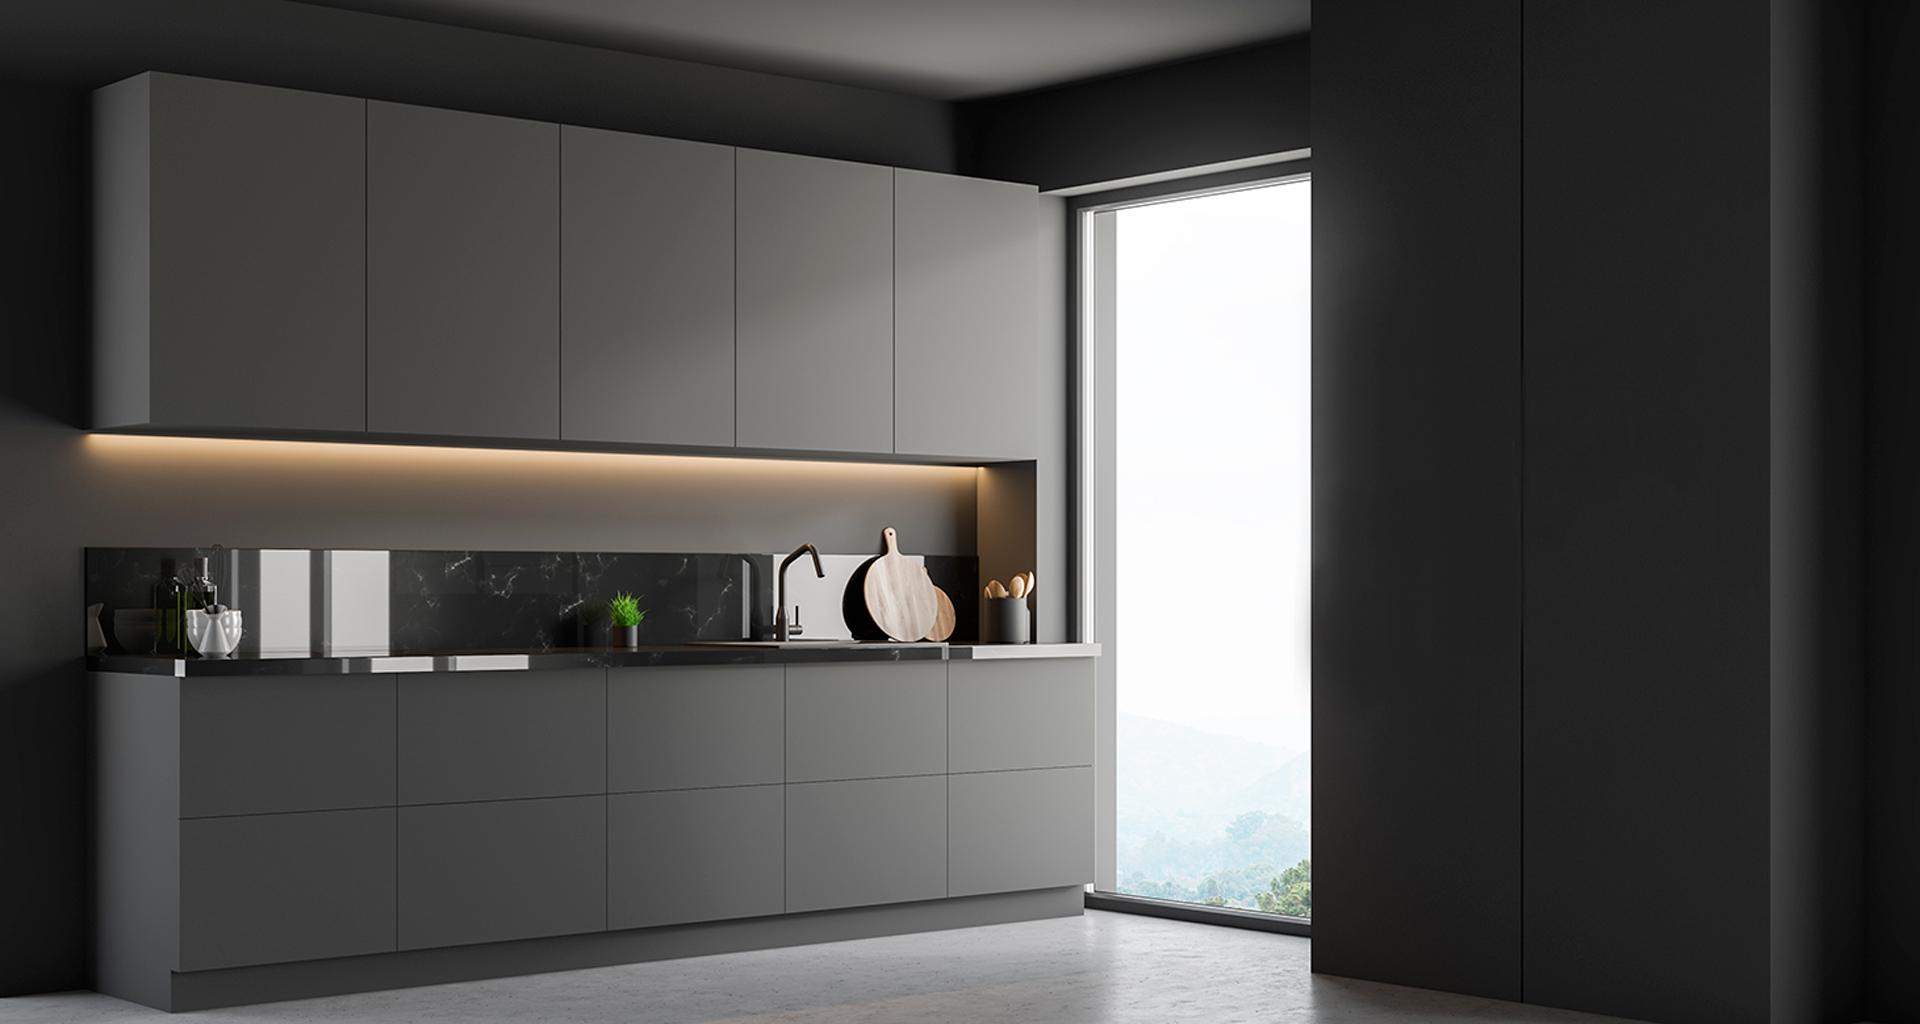 Electrodomésticos integrables para cocina